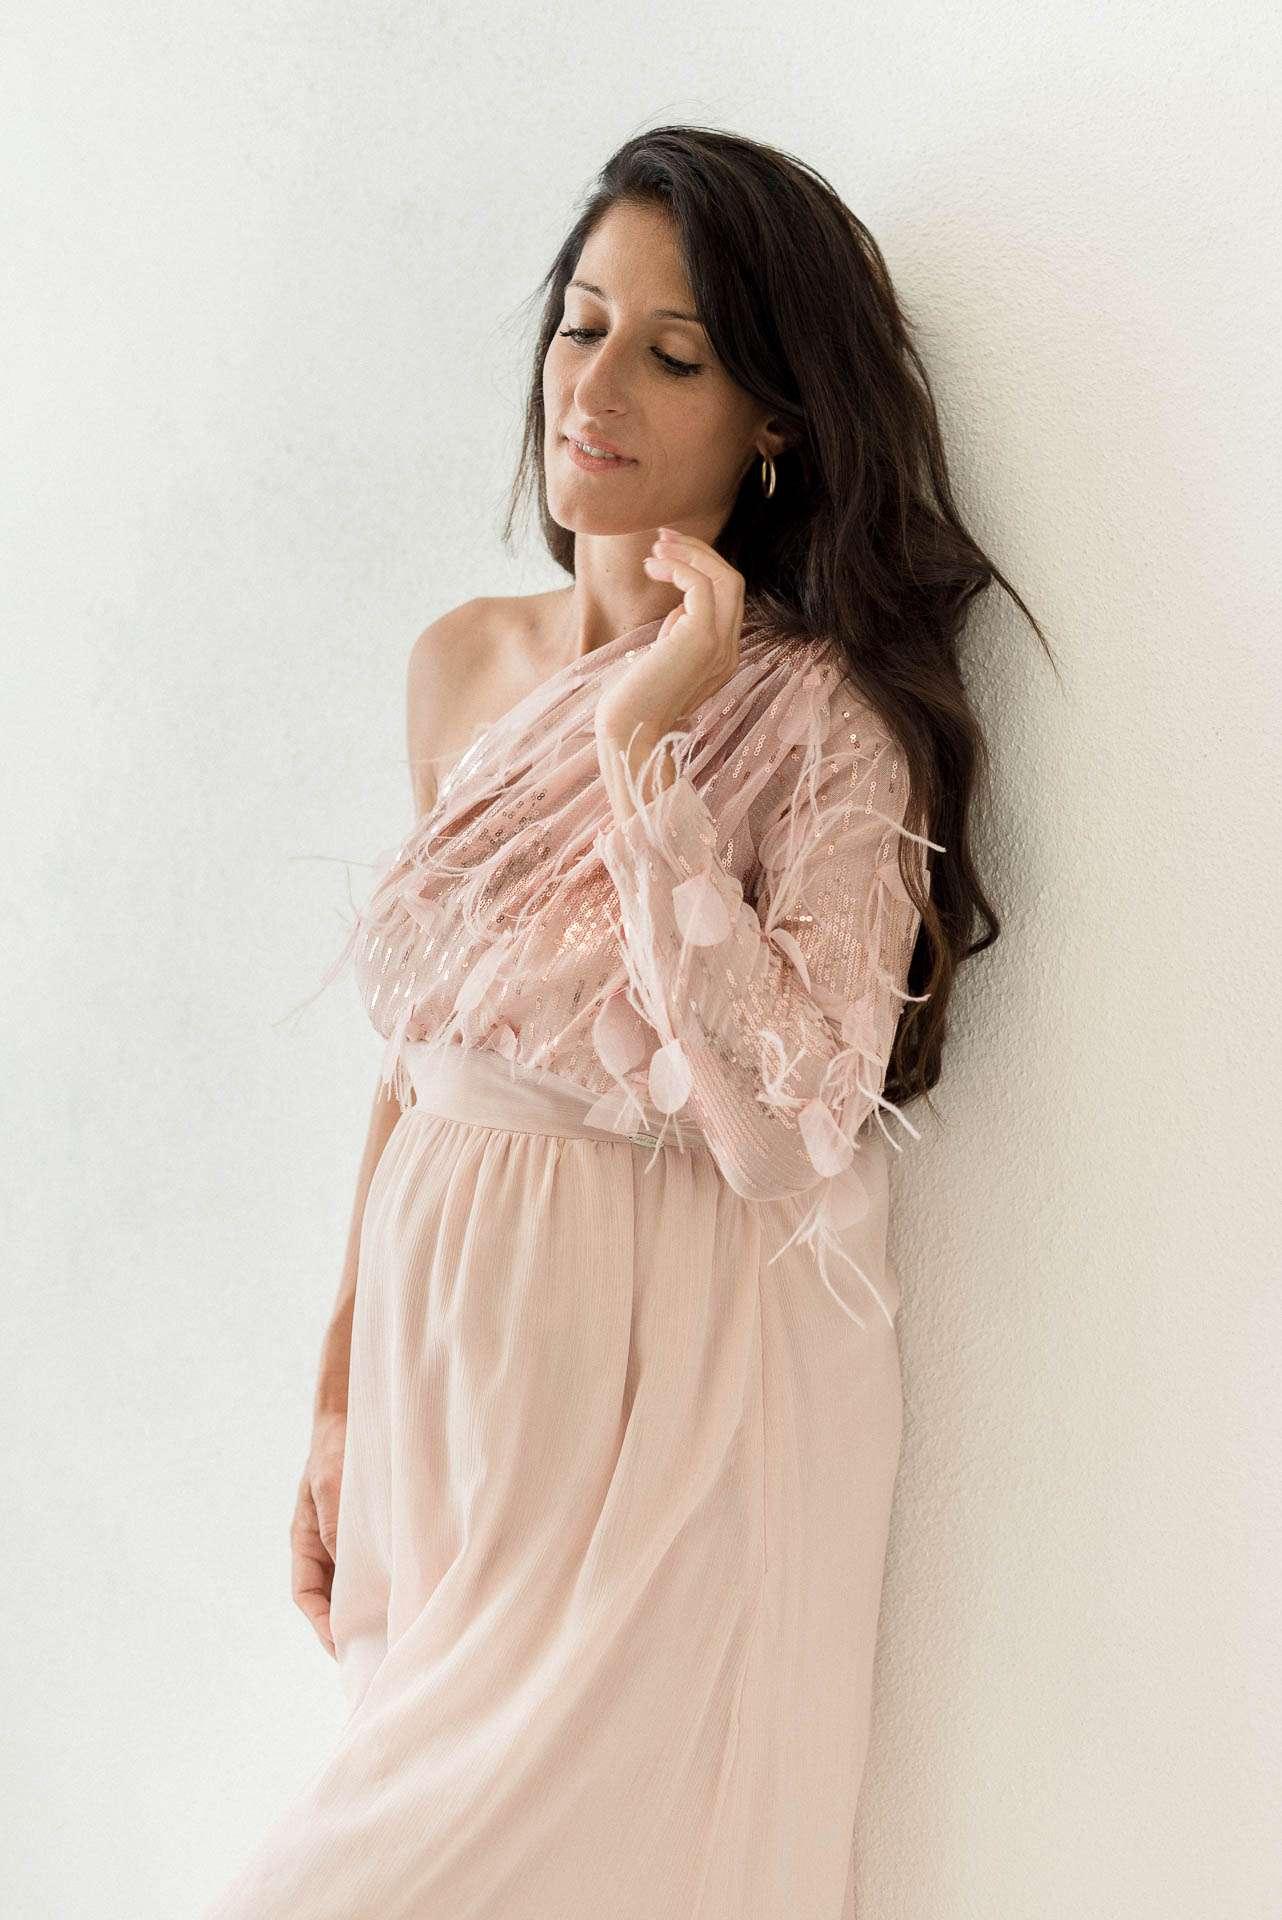 Fotografia premaman donna in abito rosa realizzata da Barbara Trincone Fotografo specializzato in Gravidanza, Maternità, Genitorialità, Nascita e Newborn a Napoli